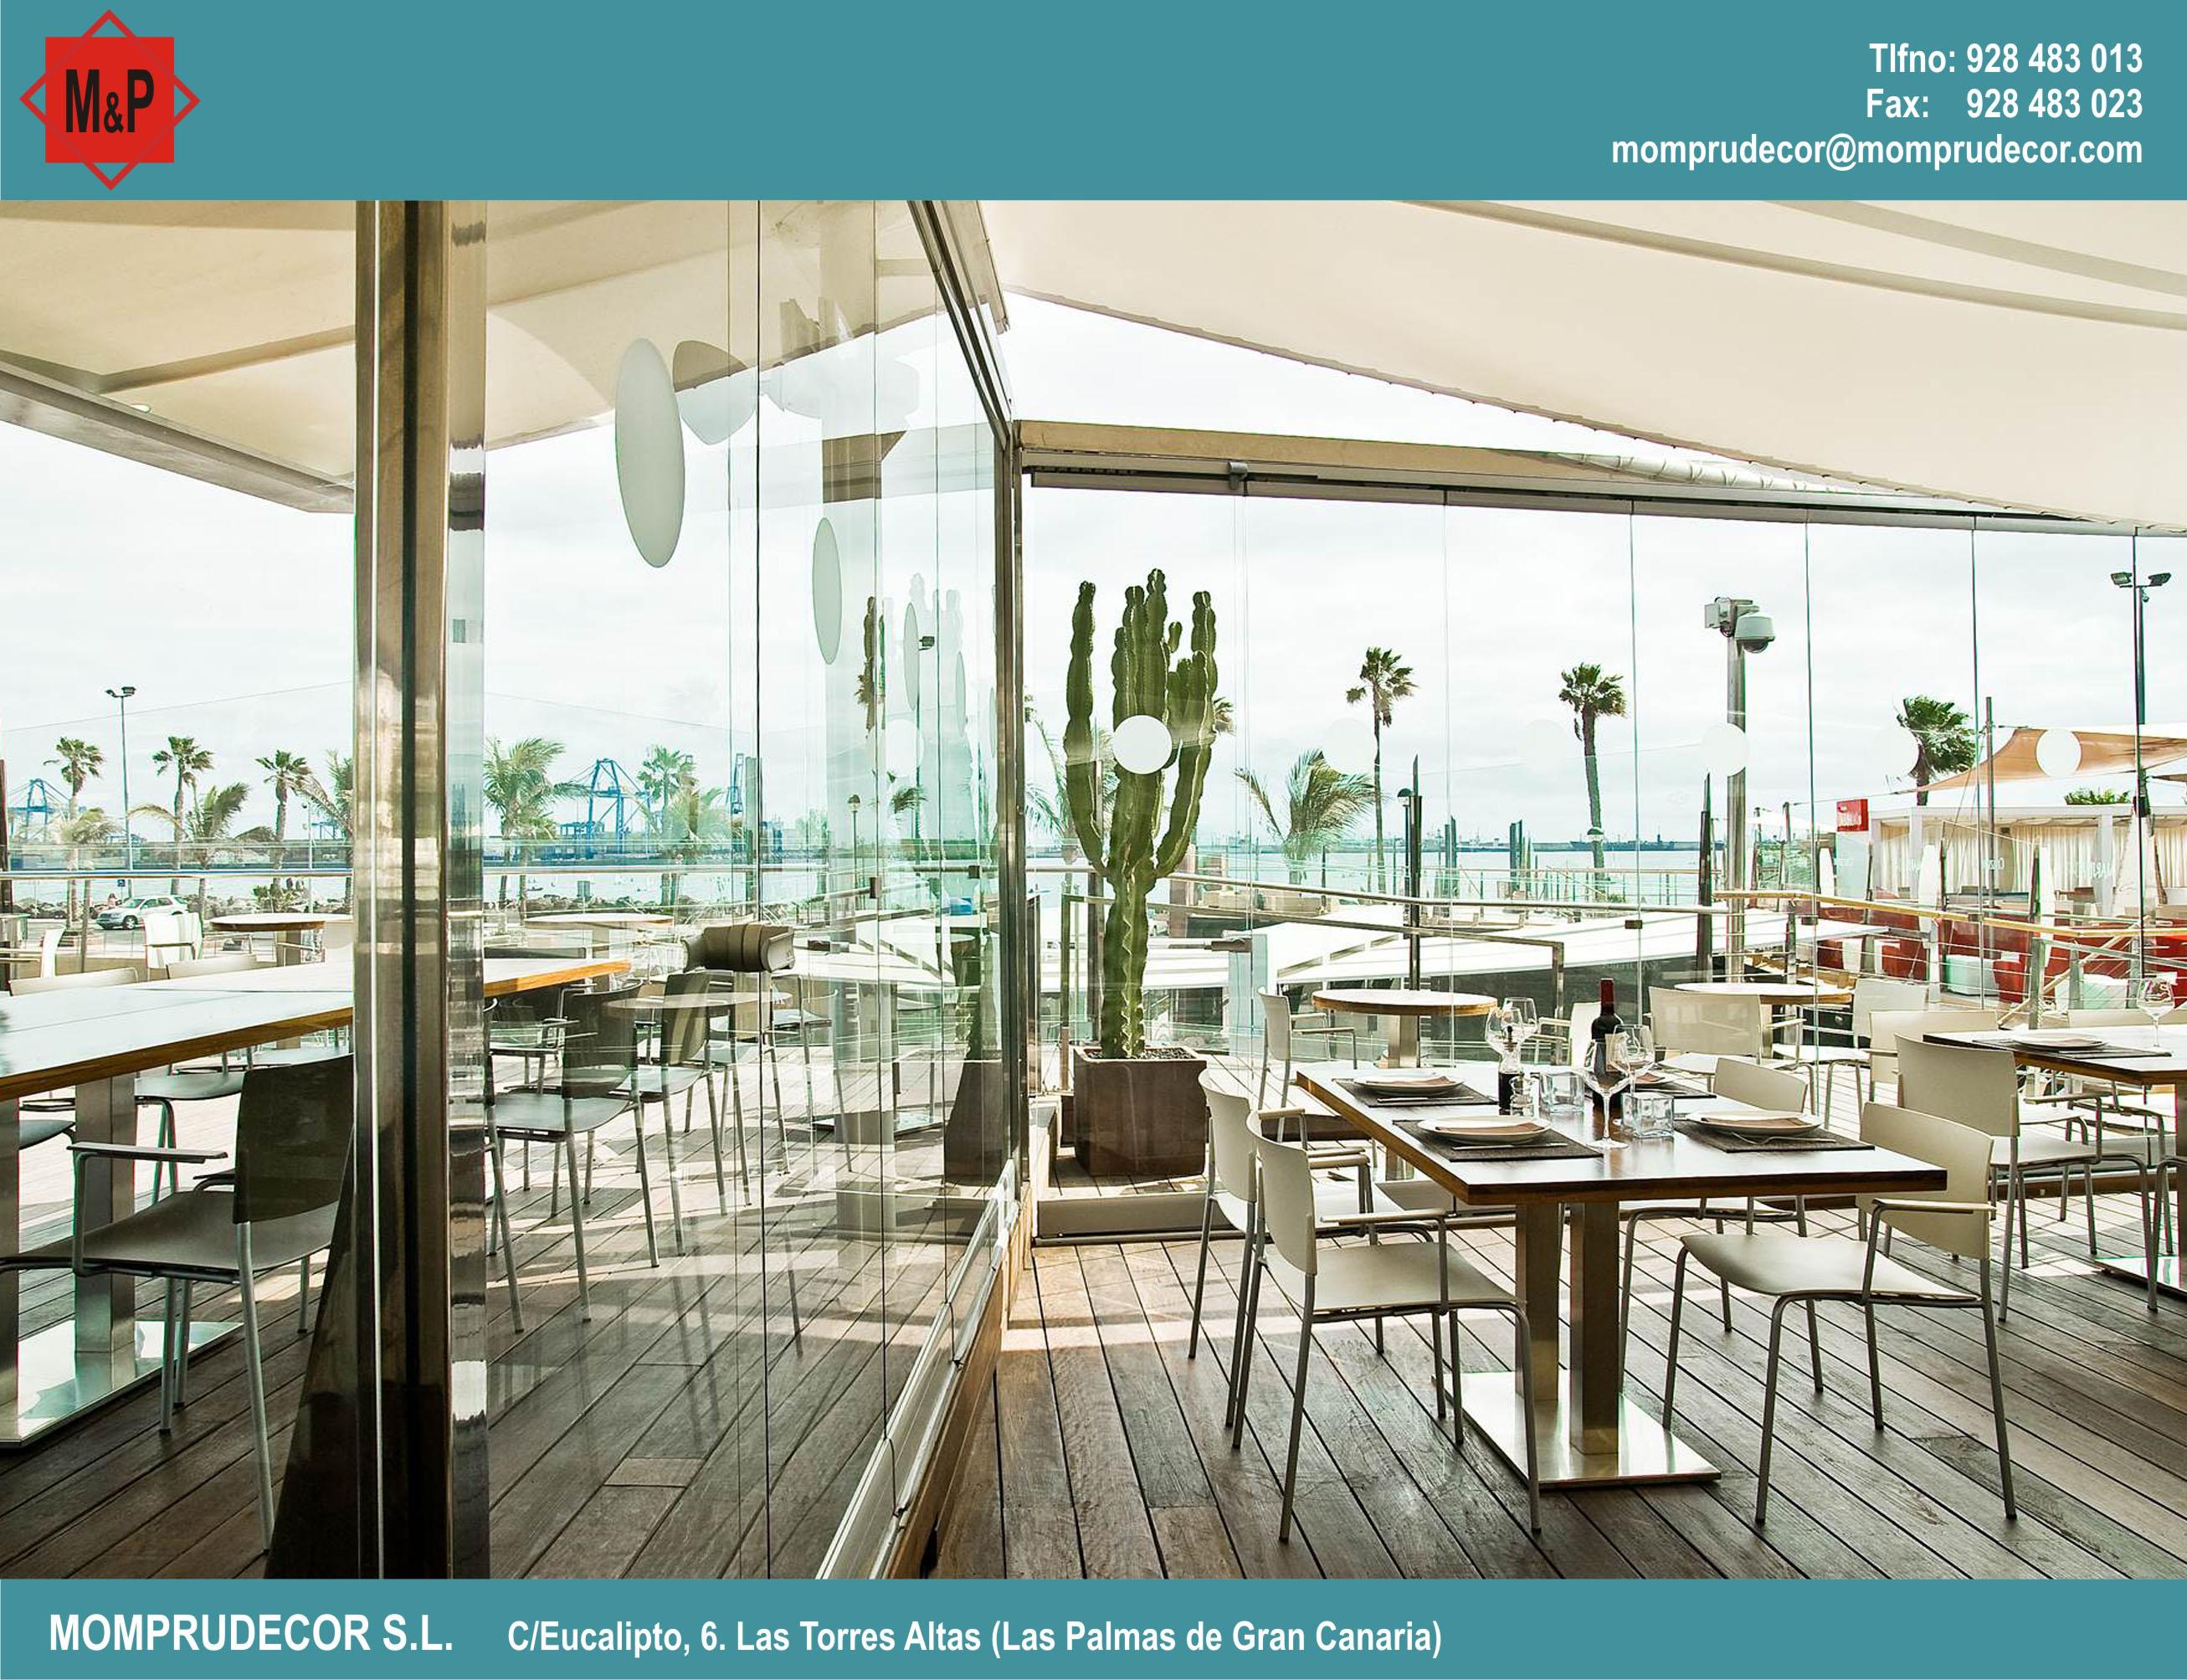 restaurante6